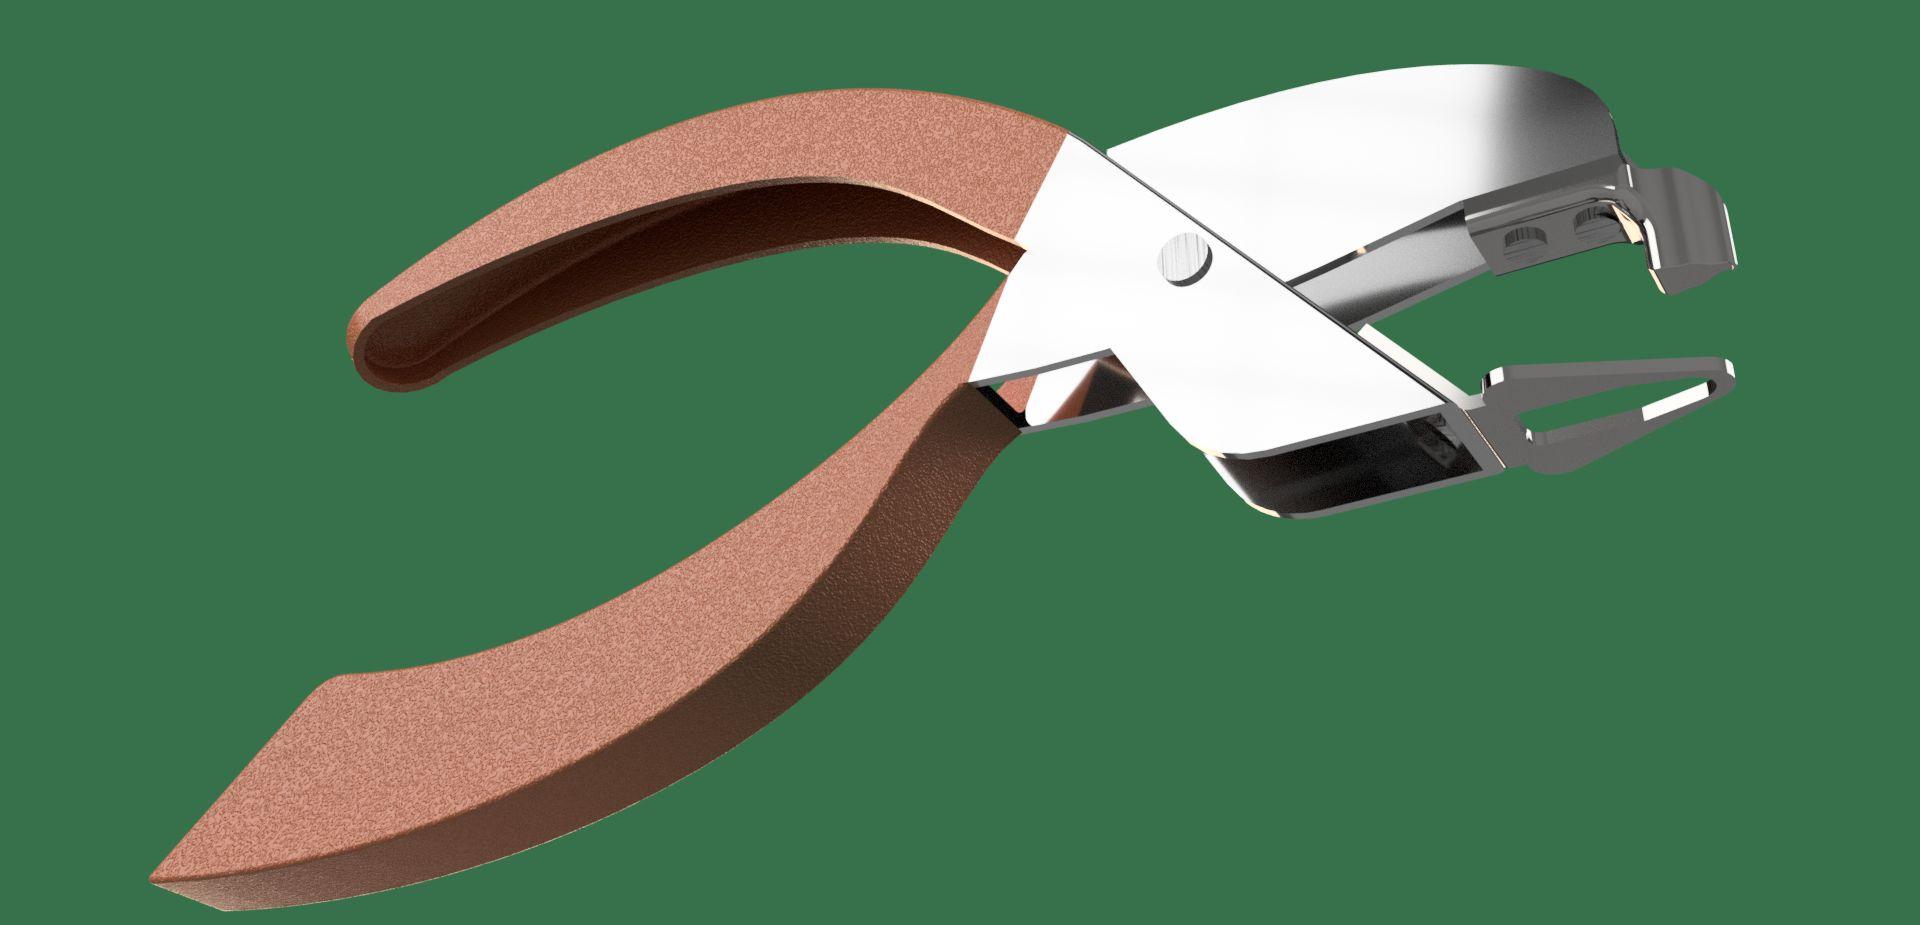 Staple-remover-v9b-3500-3500